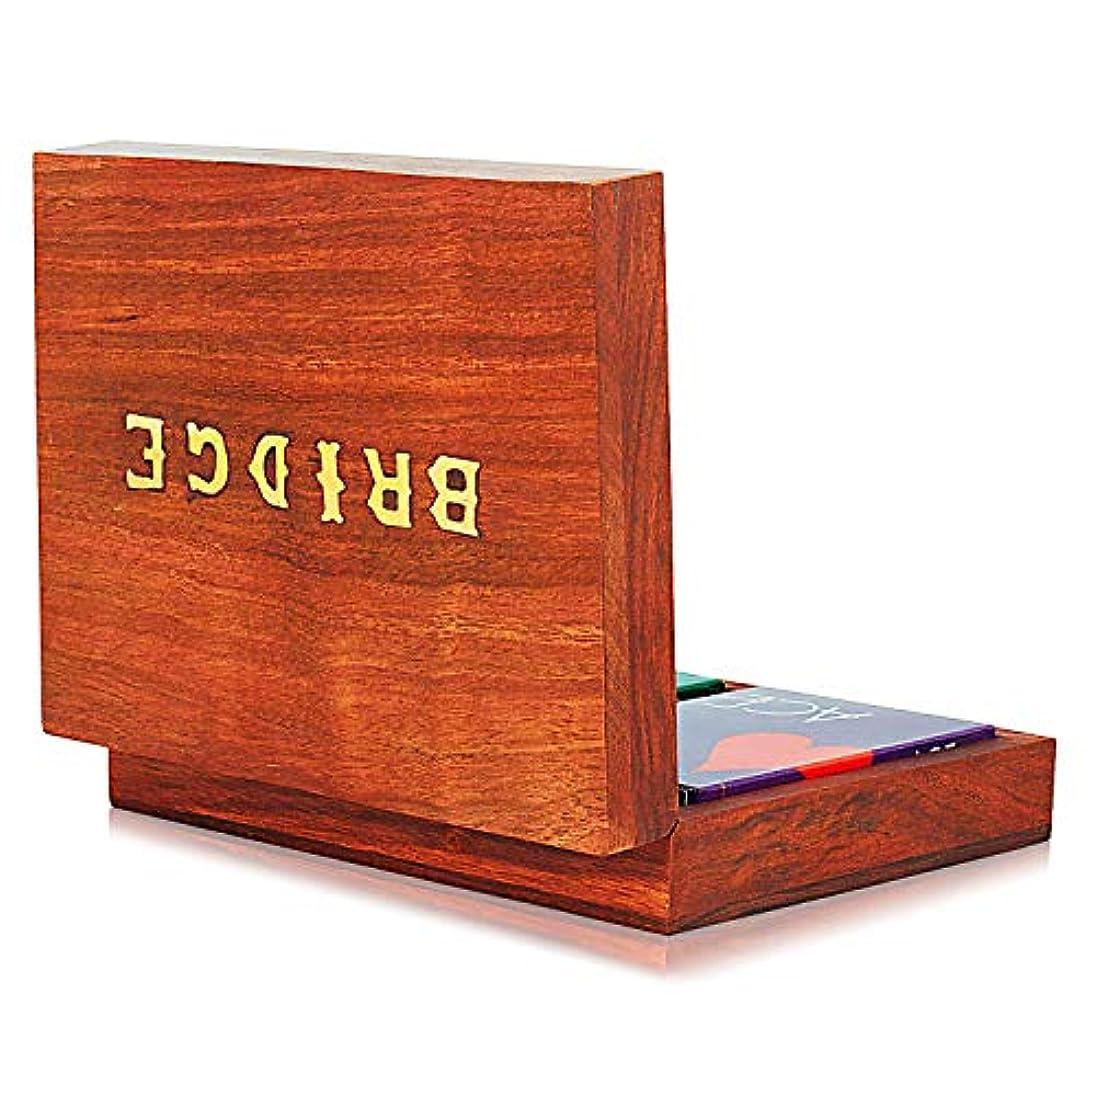 即席困難確認してくださいThe Great Indian Bazaar 手作り木製ブリッジトランプ ホルダー デッキボックス 収納ケース オーガナイザー 2セット 高品質 「Ace」トランプ 記念日 新築祝い ギフト 彼氏 彼女